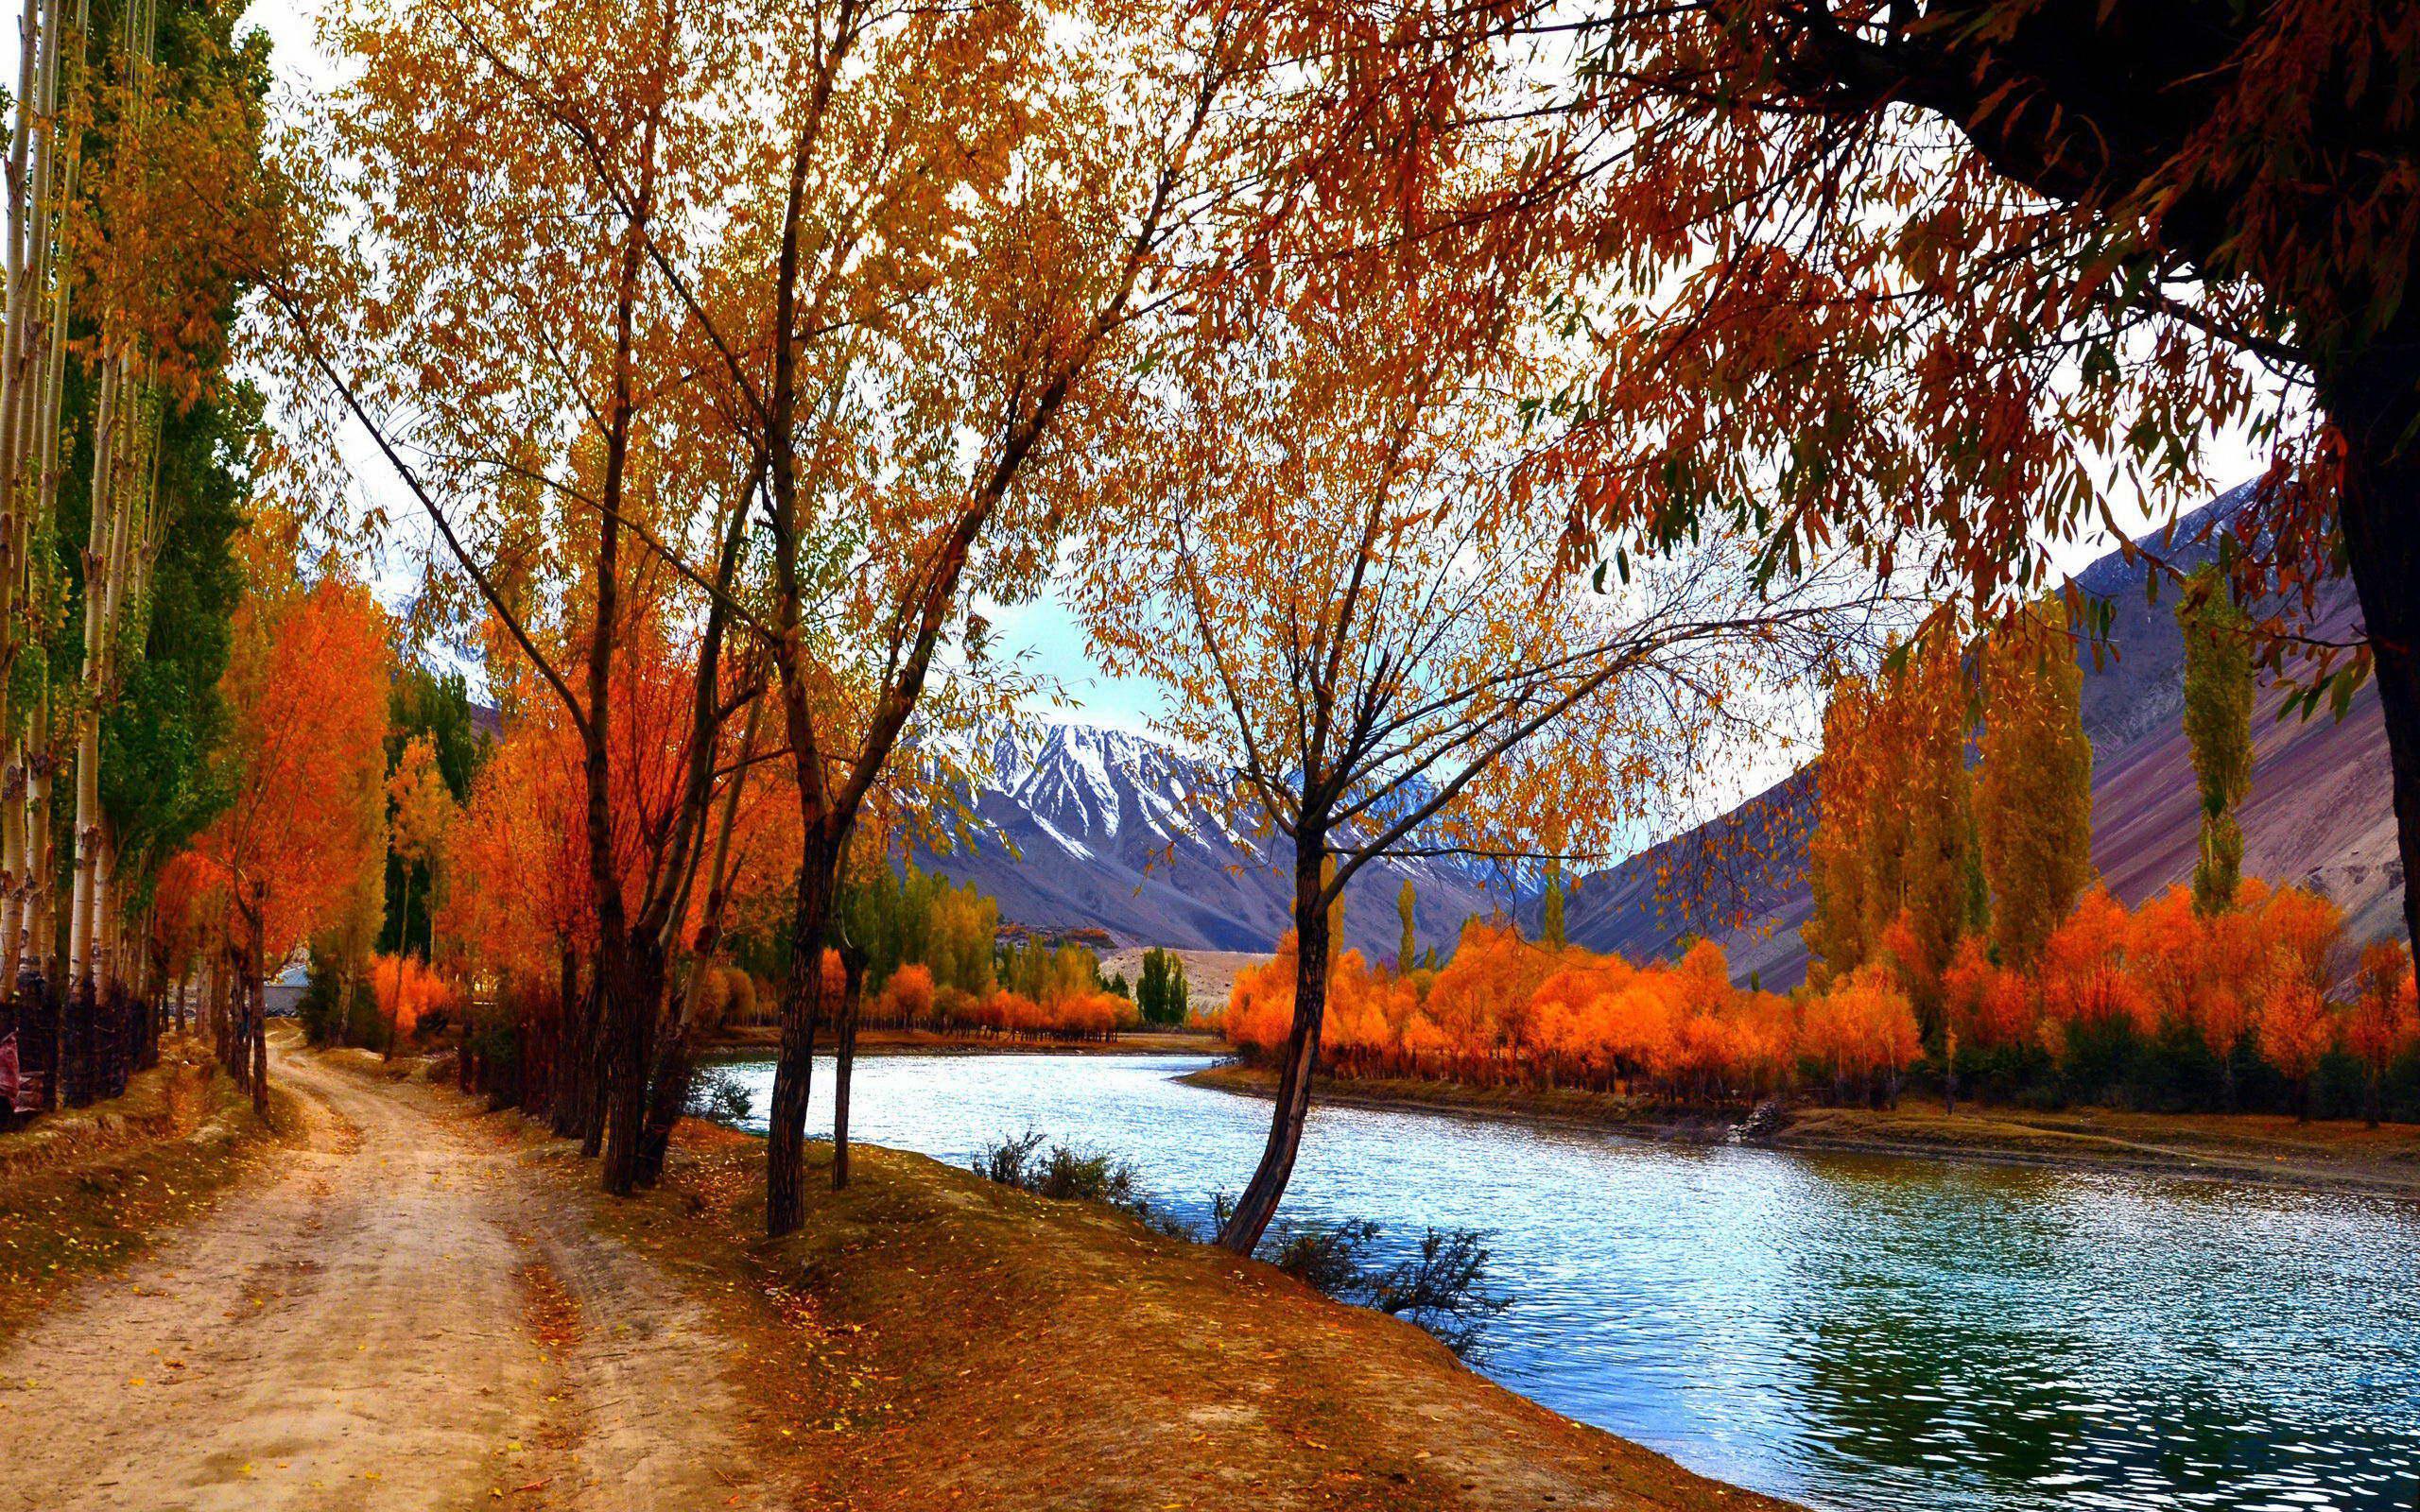 树木树林摄影风景桌面17(2560x1600)壁纸 - 桌面壁纸